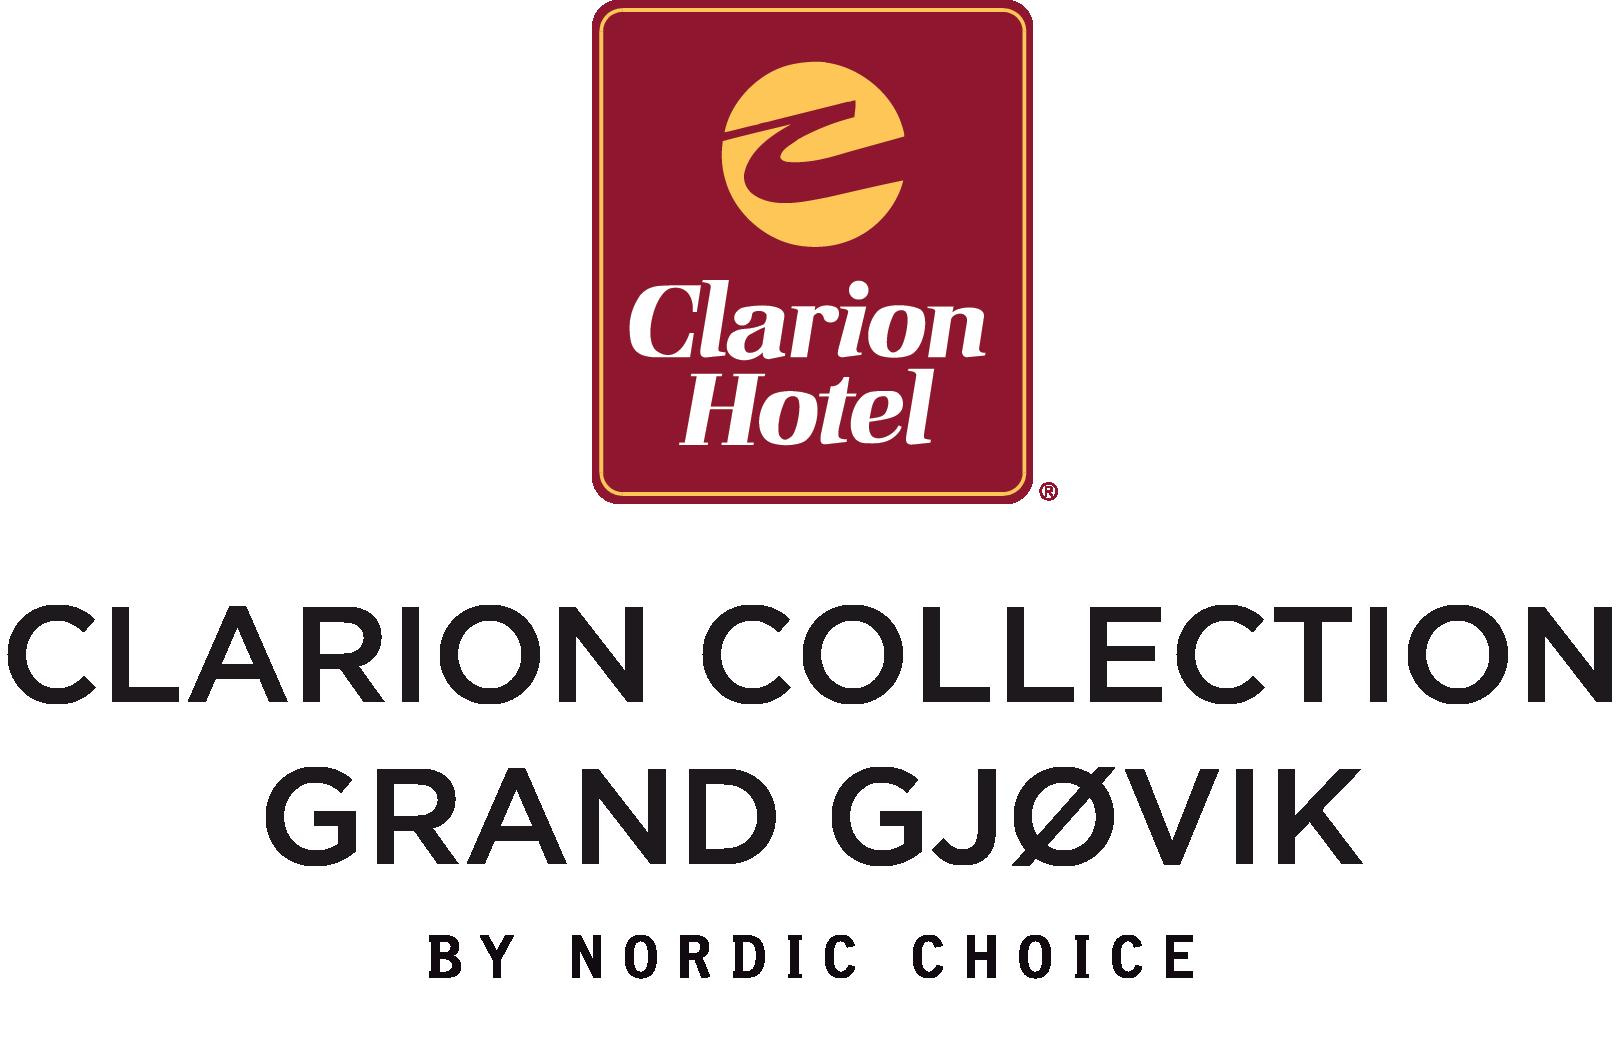 CC_Grand_Gj+©vik.pos.png